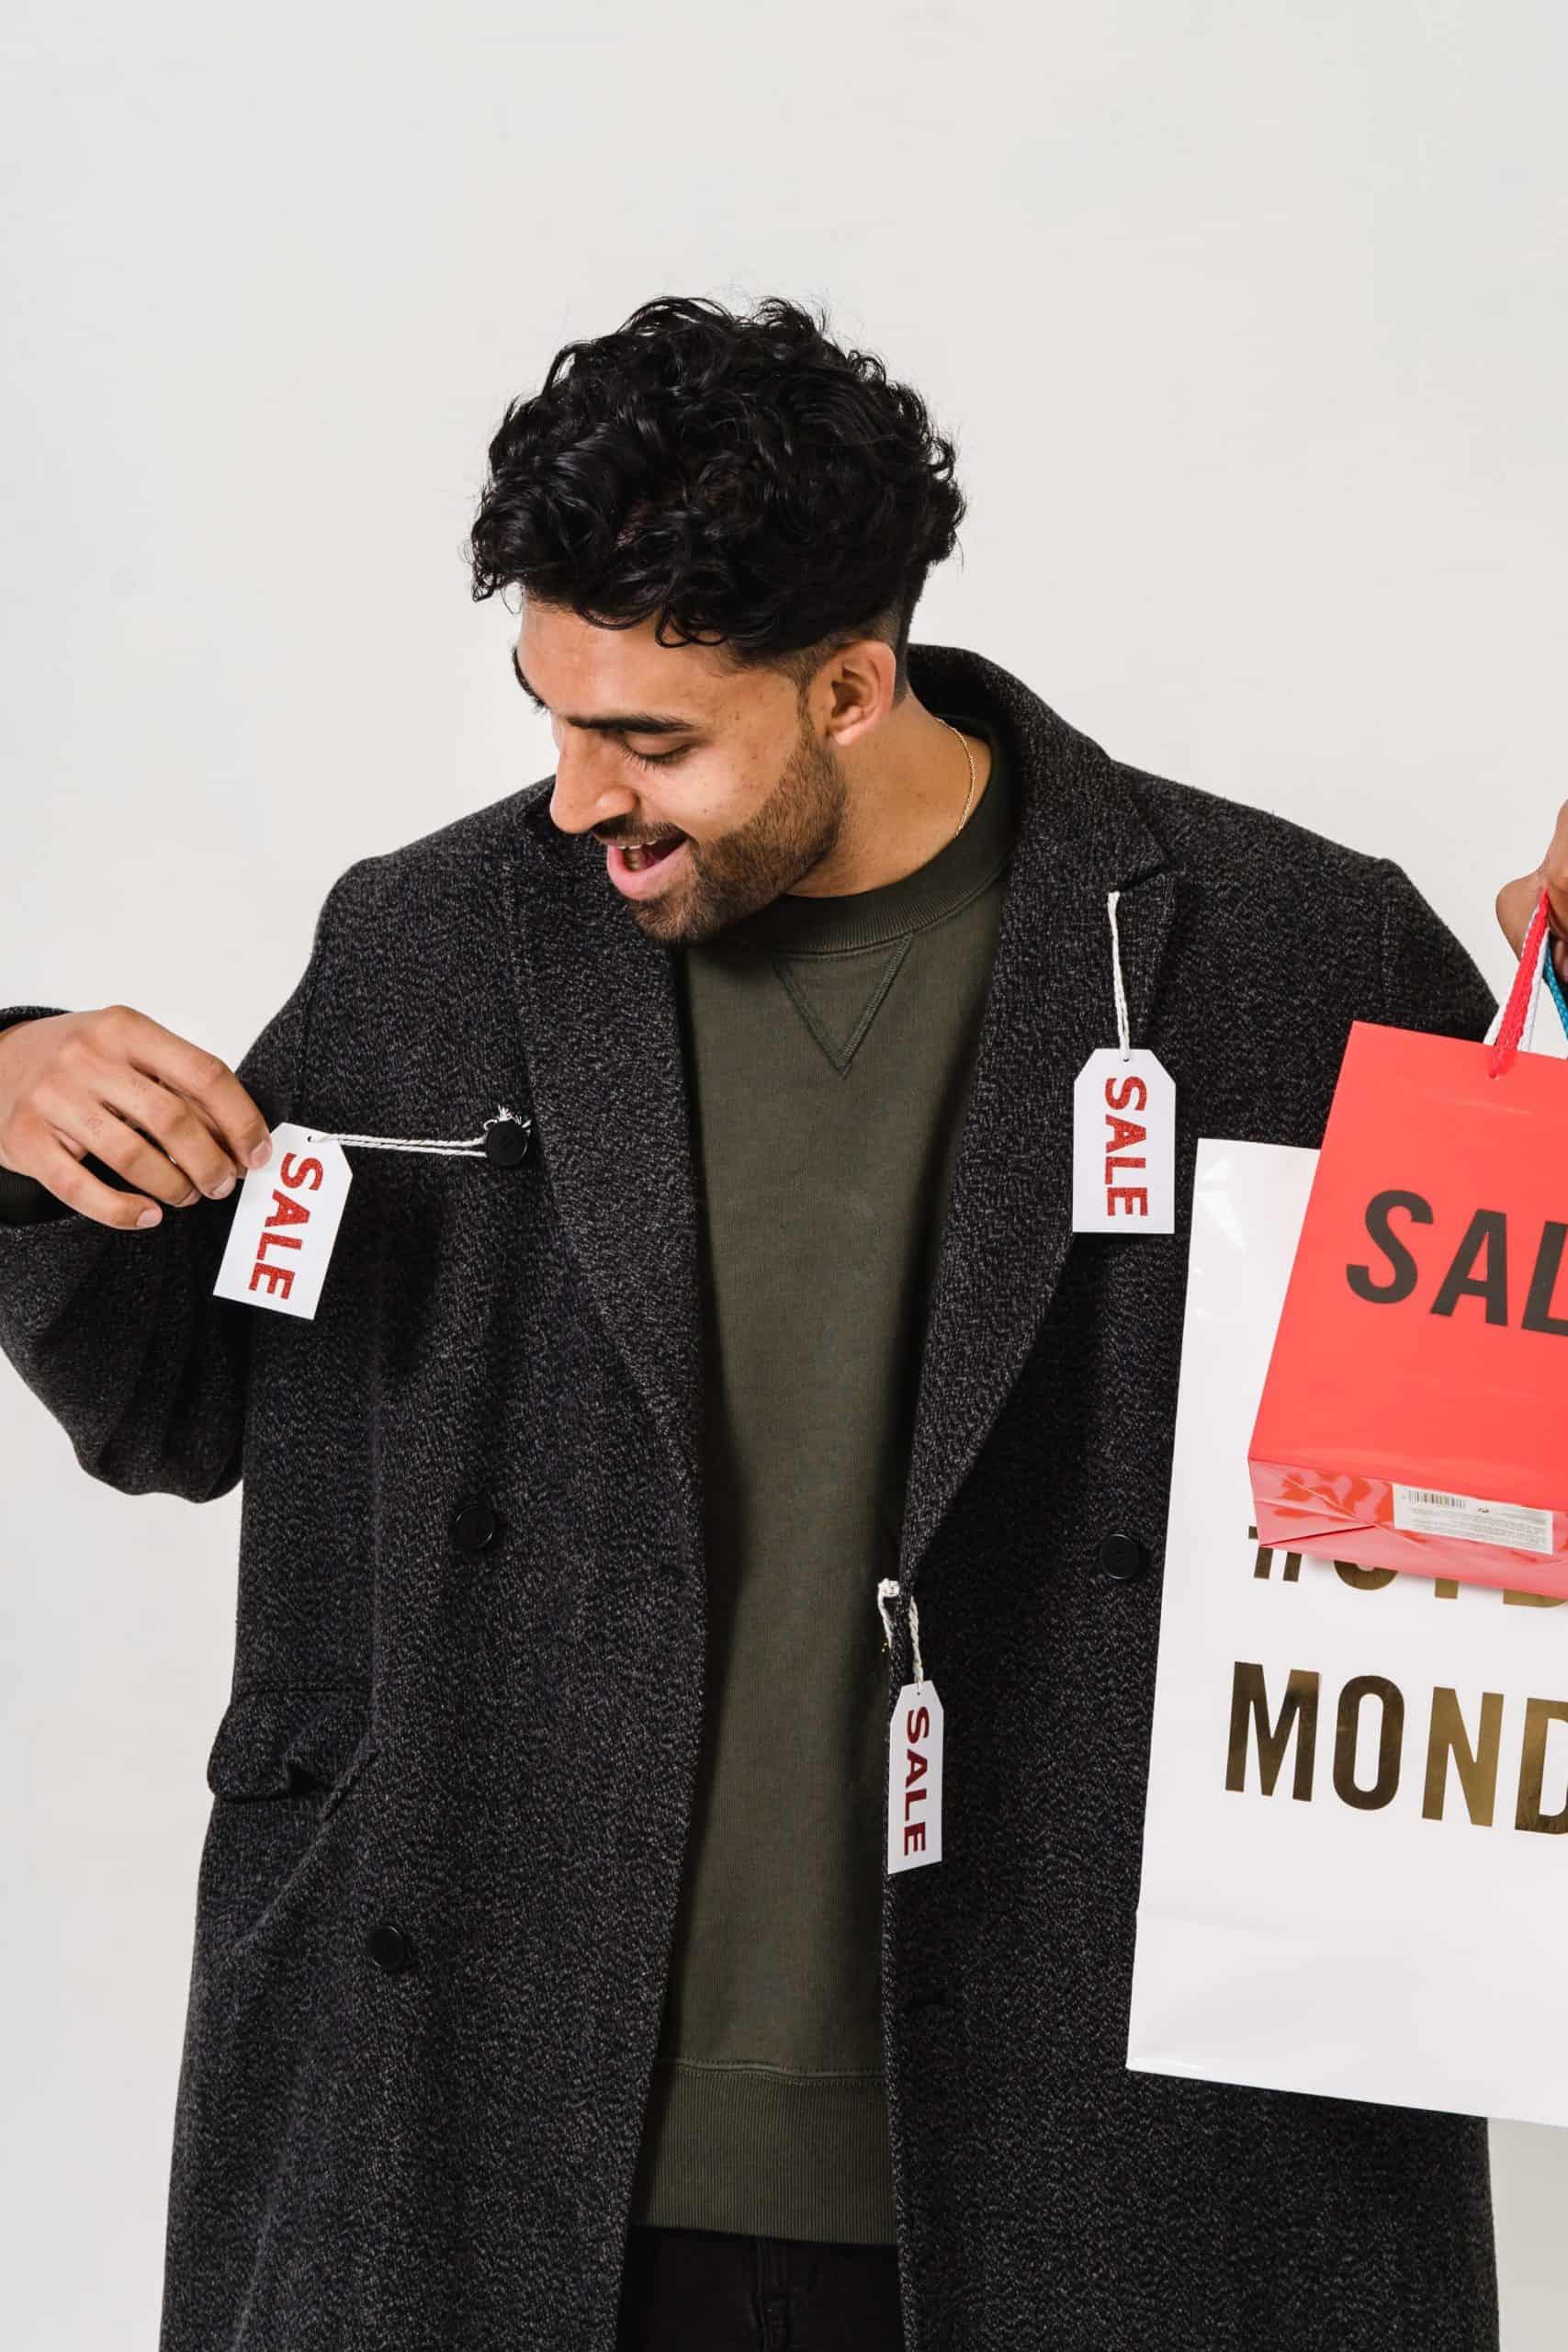 Mann in Mantel mit Preisschildern und Einkaufstaschen